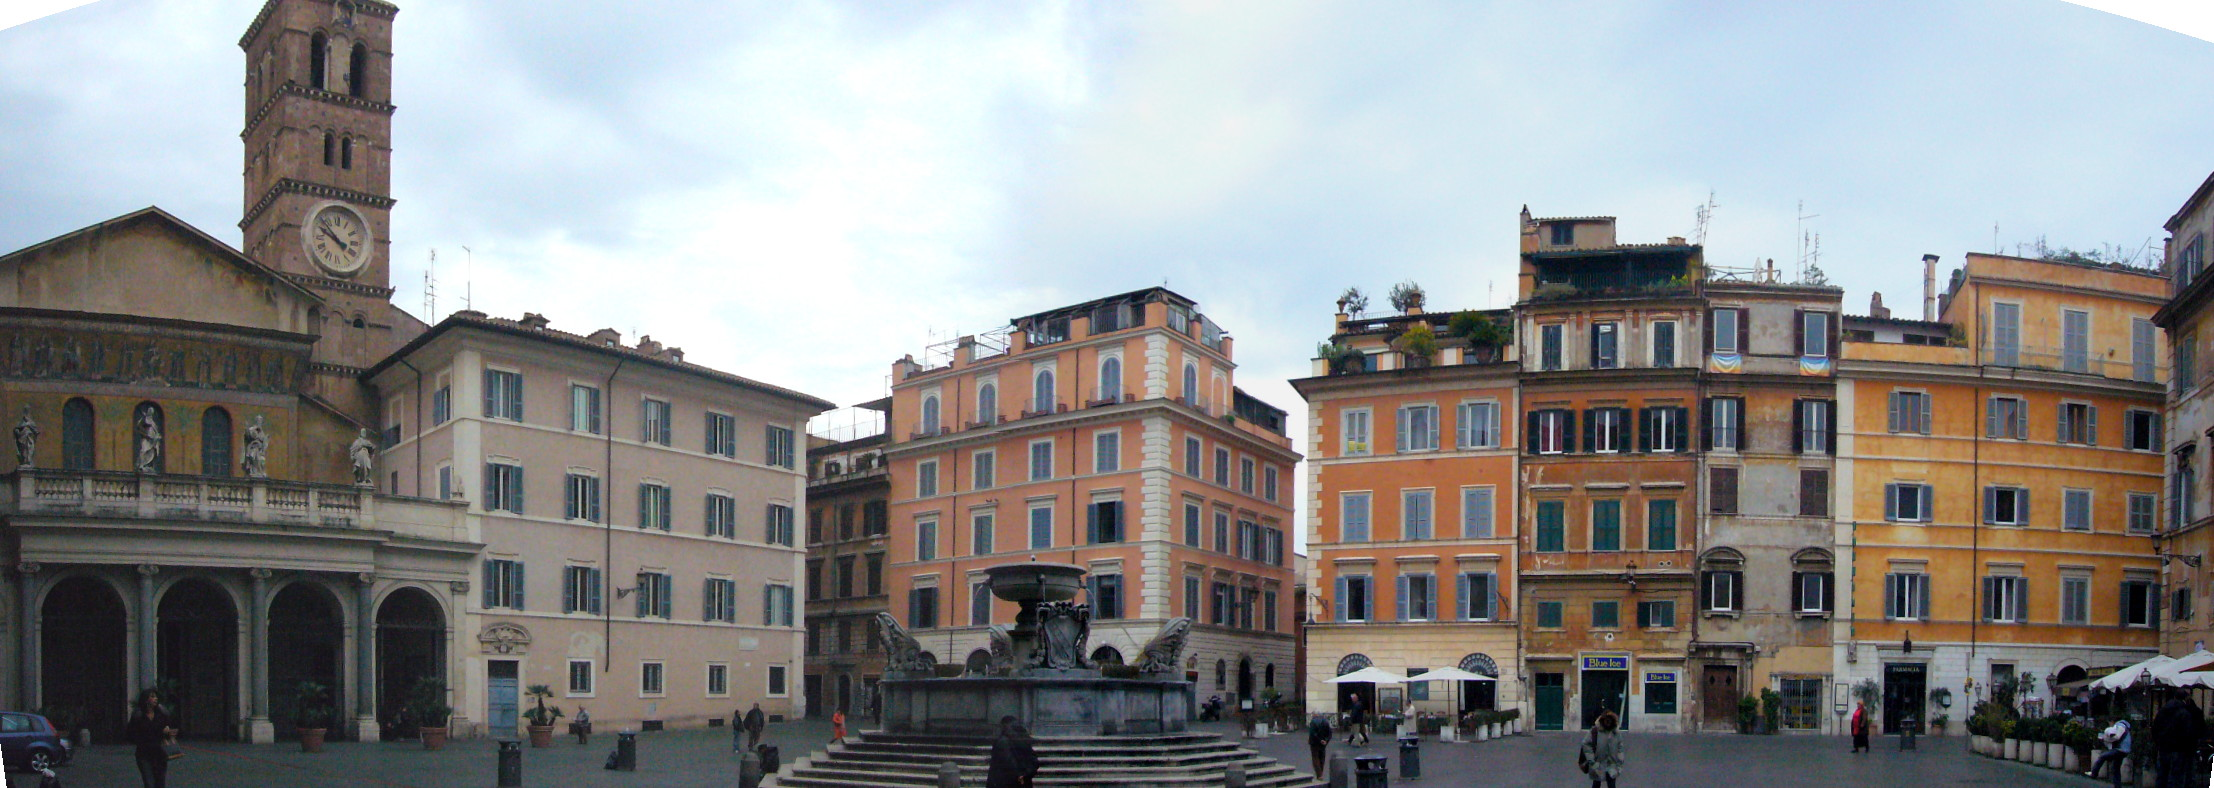 Trastevere_-_piazza_di_s_Maria_1060258-9